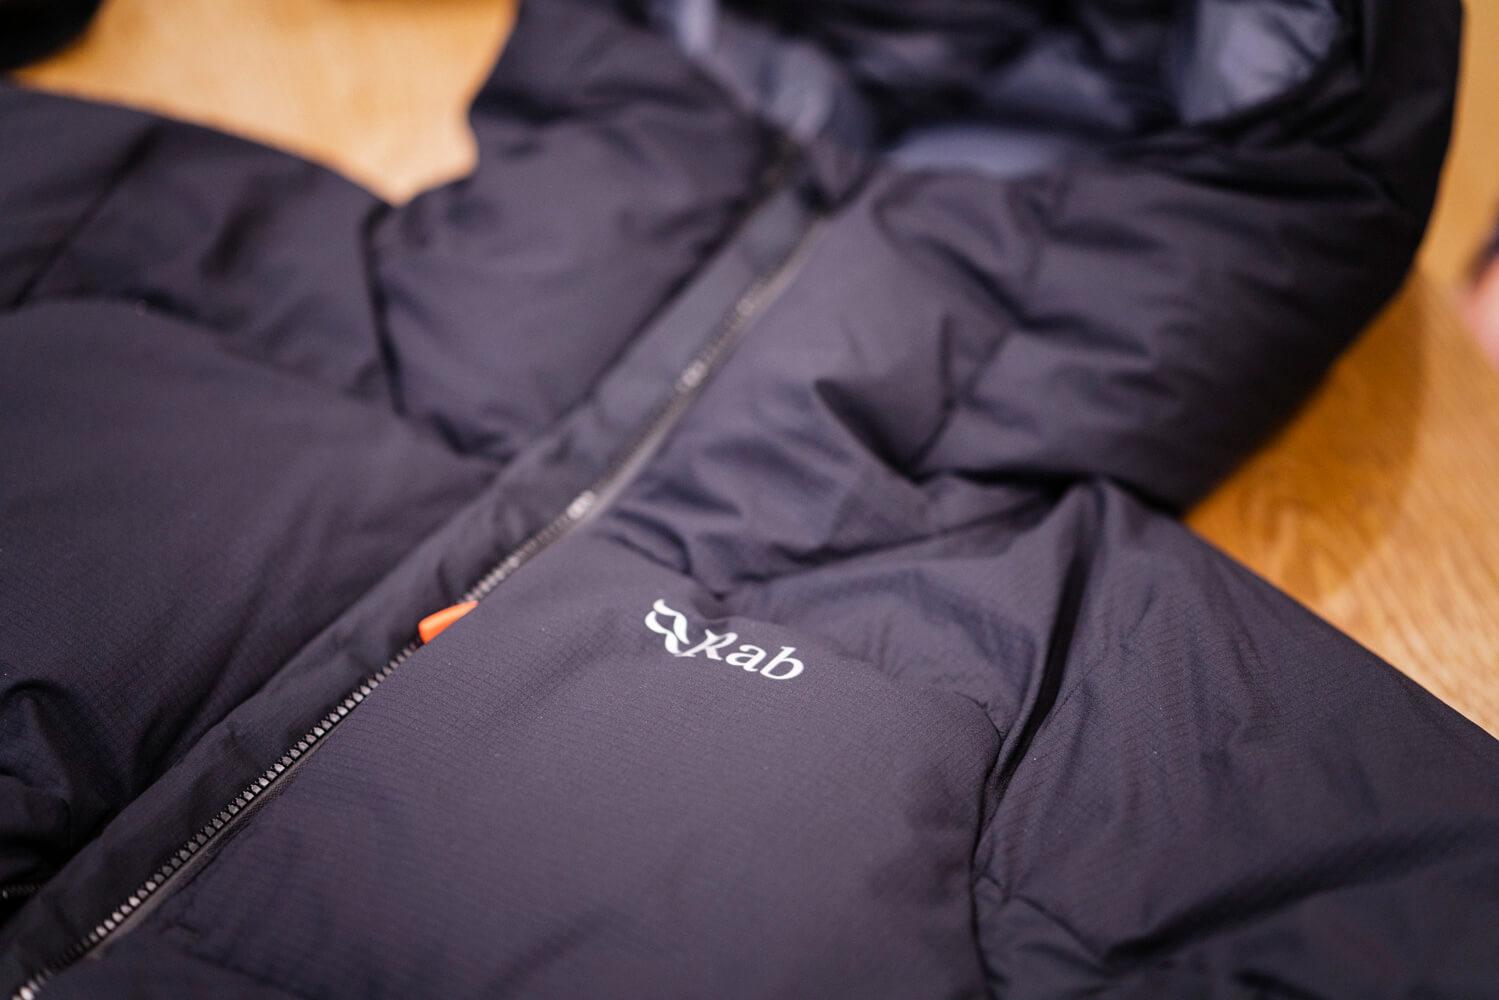 製品開発はいつもフィールドから。山をもっと楽しみたい、挑戦していきたい人のためのブランド「Rab」